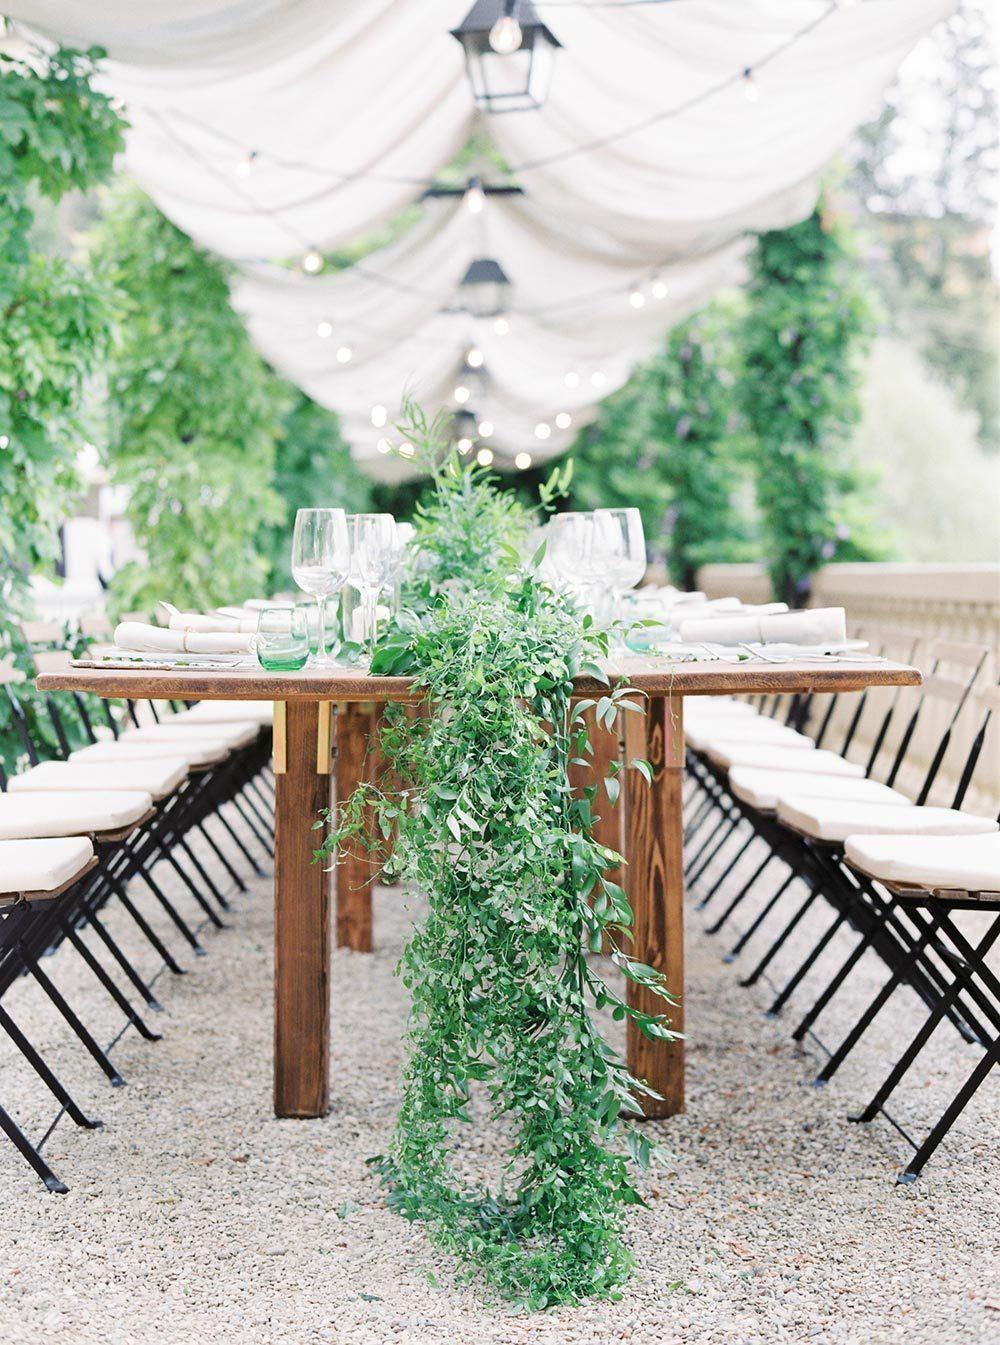 italian villa family style reception table with greenery